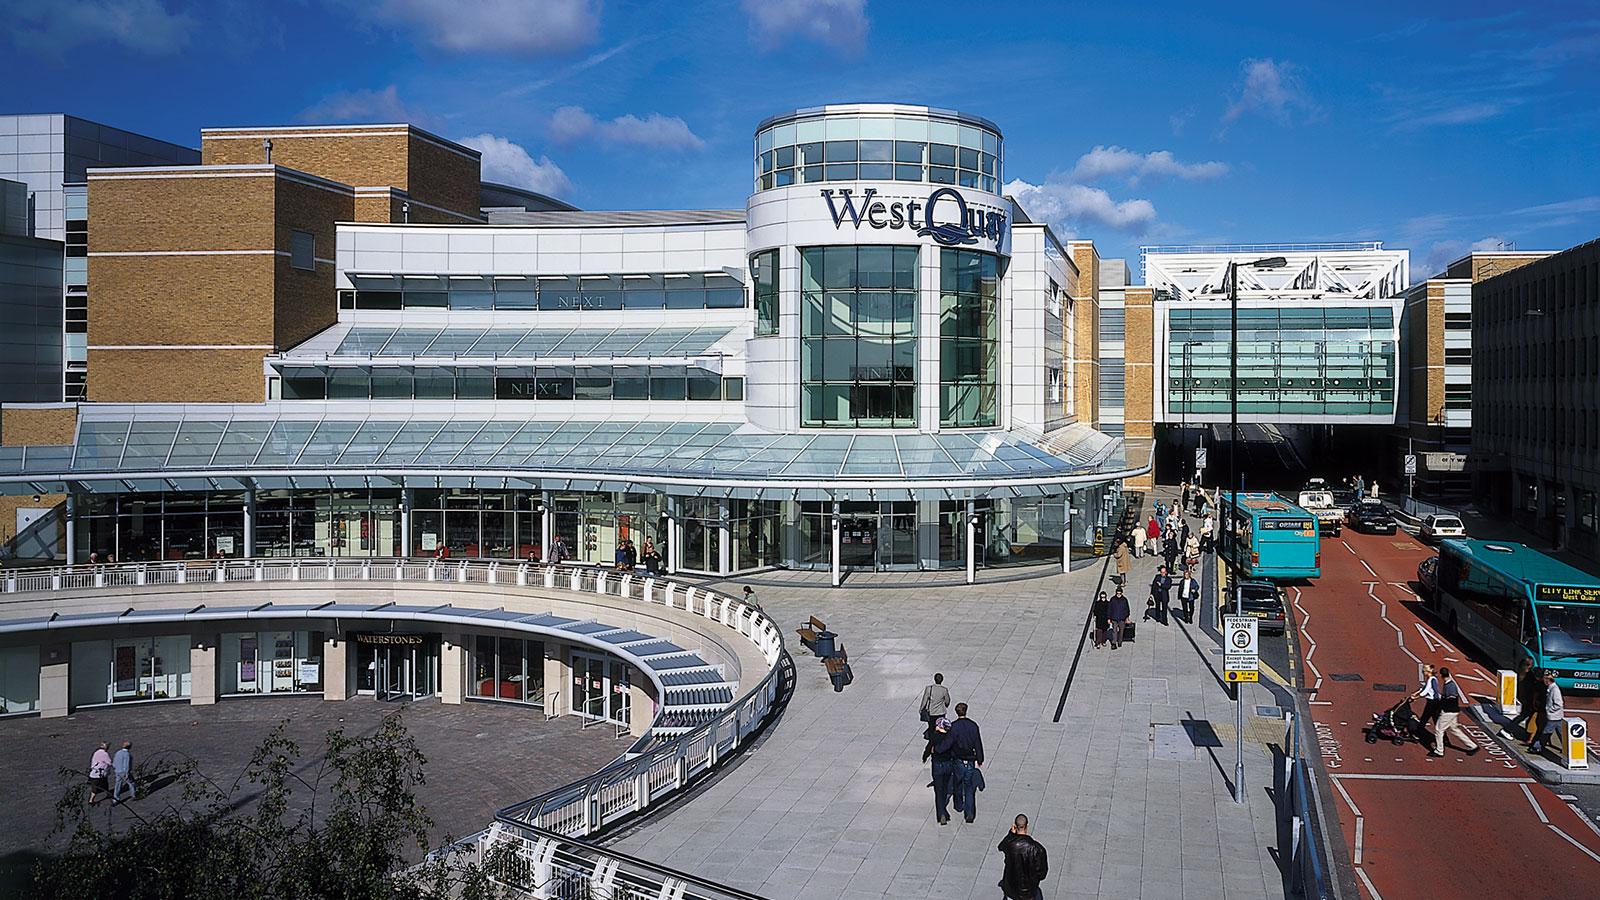 West Quay BDPcom